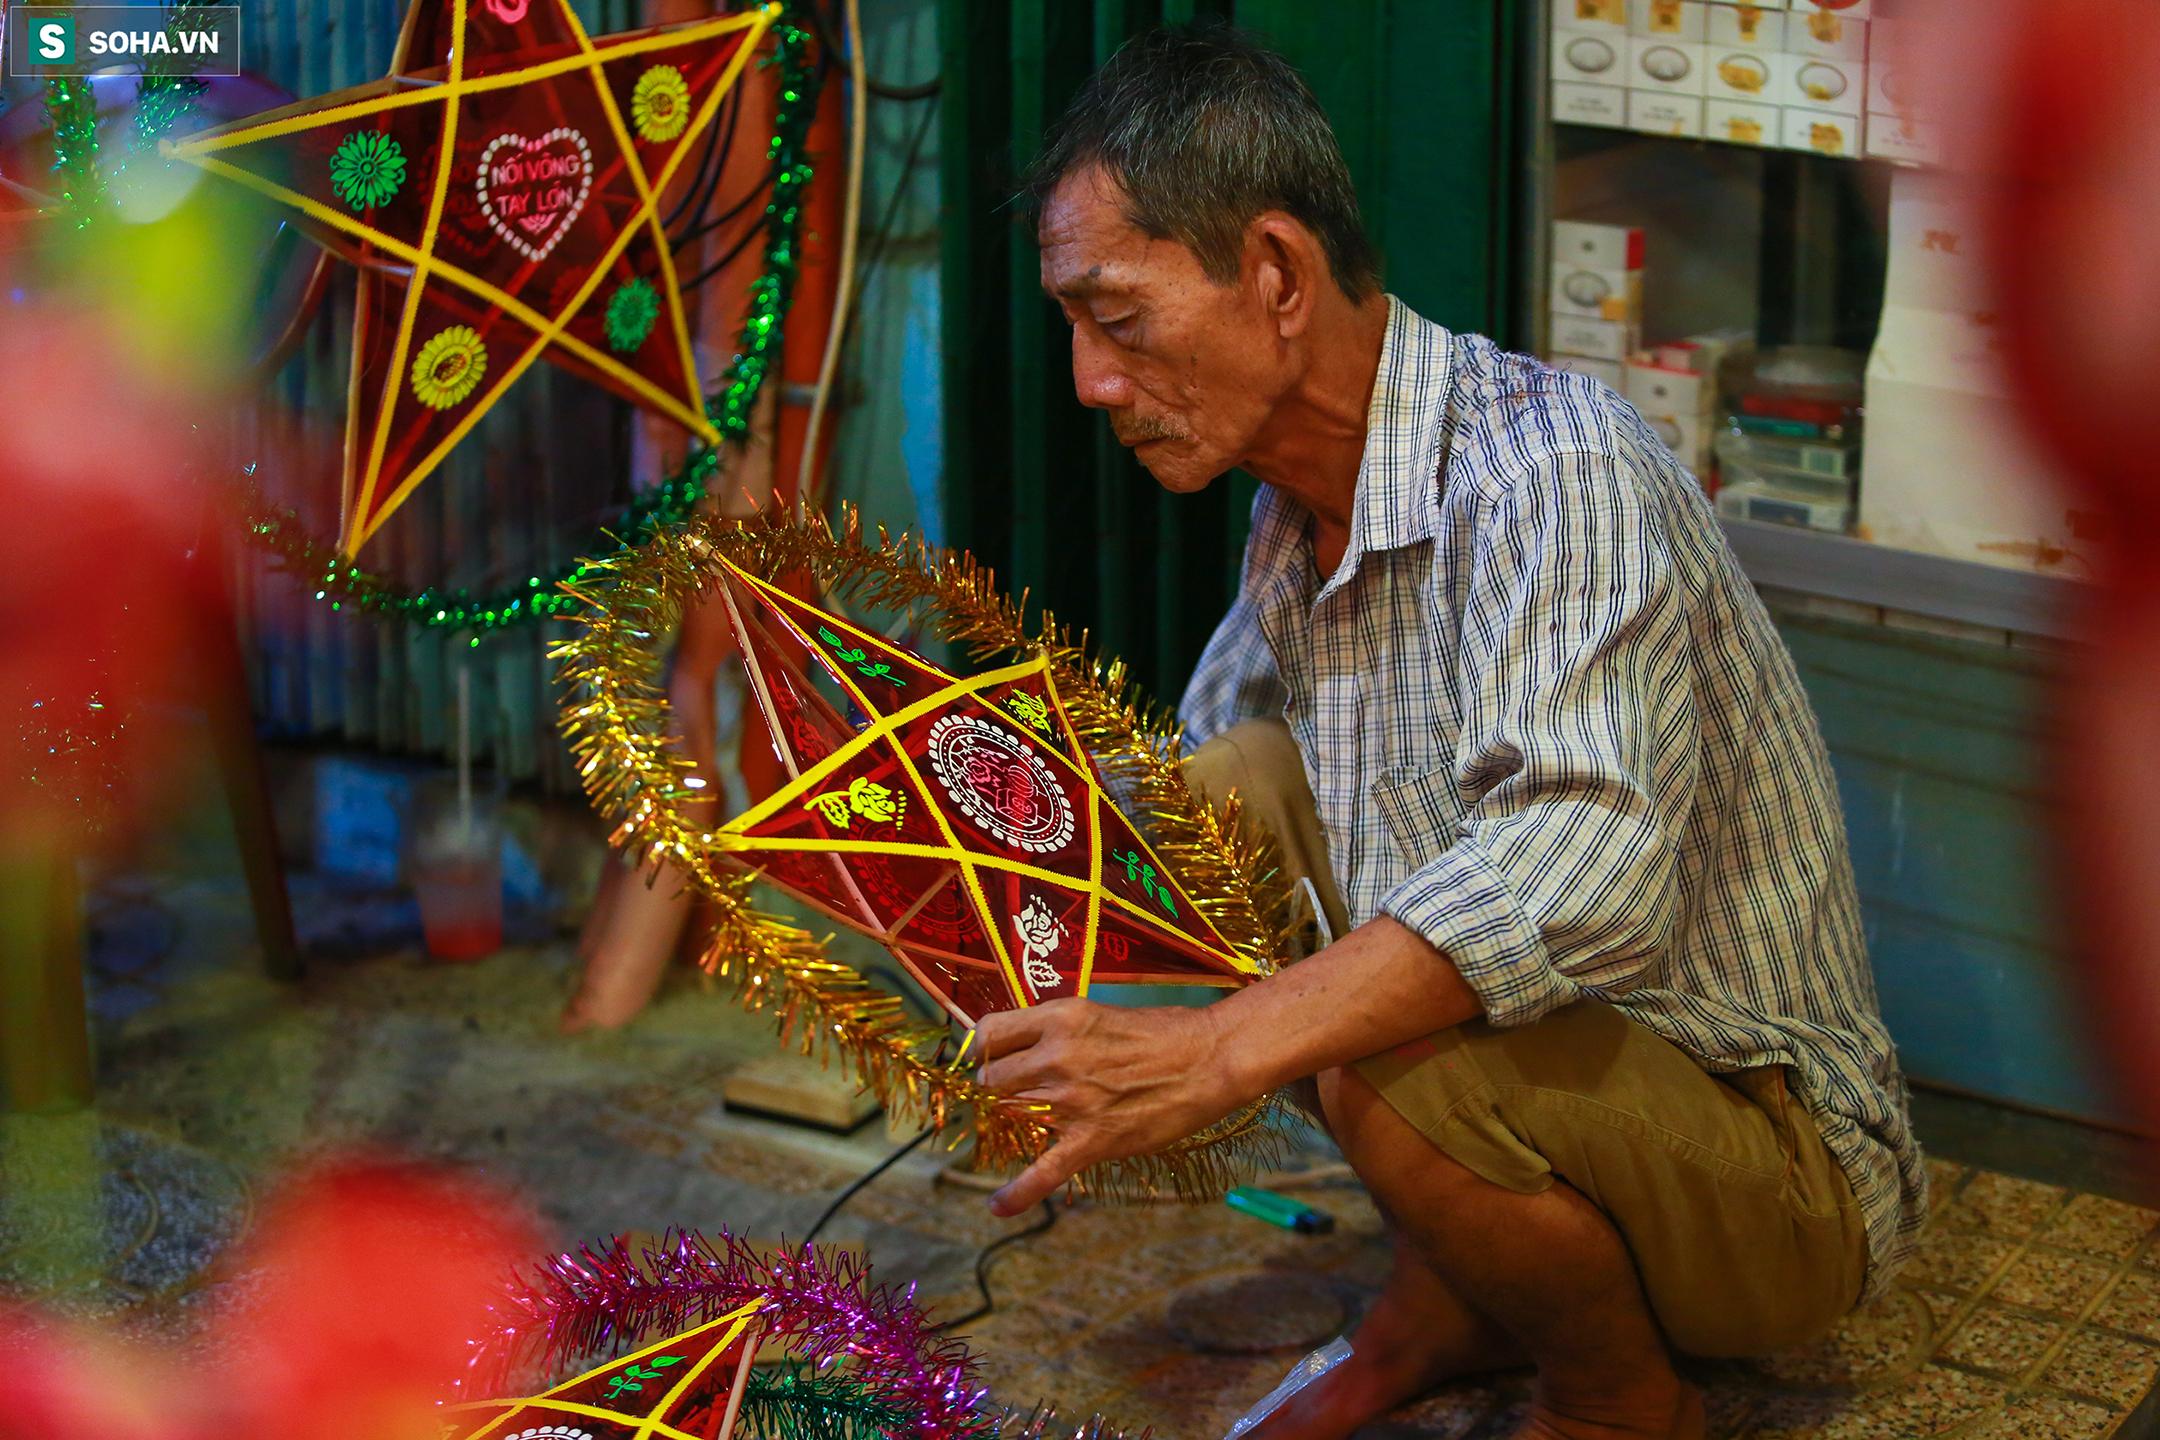 Ông Huỳnh Ngọc Sang (70 tuổi) vẫn đang tất bật làm thêm nhiều đèn lồng để bán cho khách dù đã 21h đêm: 'Tôi làm đèn ở đây đã hơn 20 năm rồi, năm nào tới dịp này cũng phấn khởi, vì thu nhập của gia đình tăng thêm, không khí nhộn nhịp của khu phố cũng khiến người dân ở đây háo hức, vui vẻ hơn' - ông Sang nói.